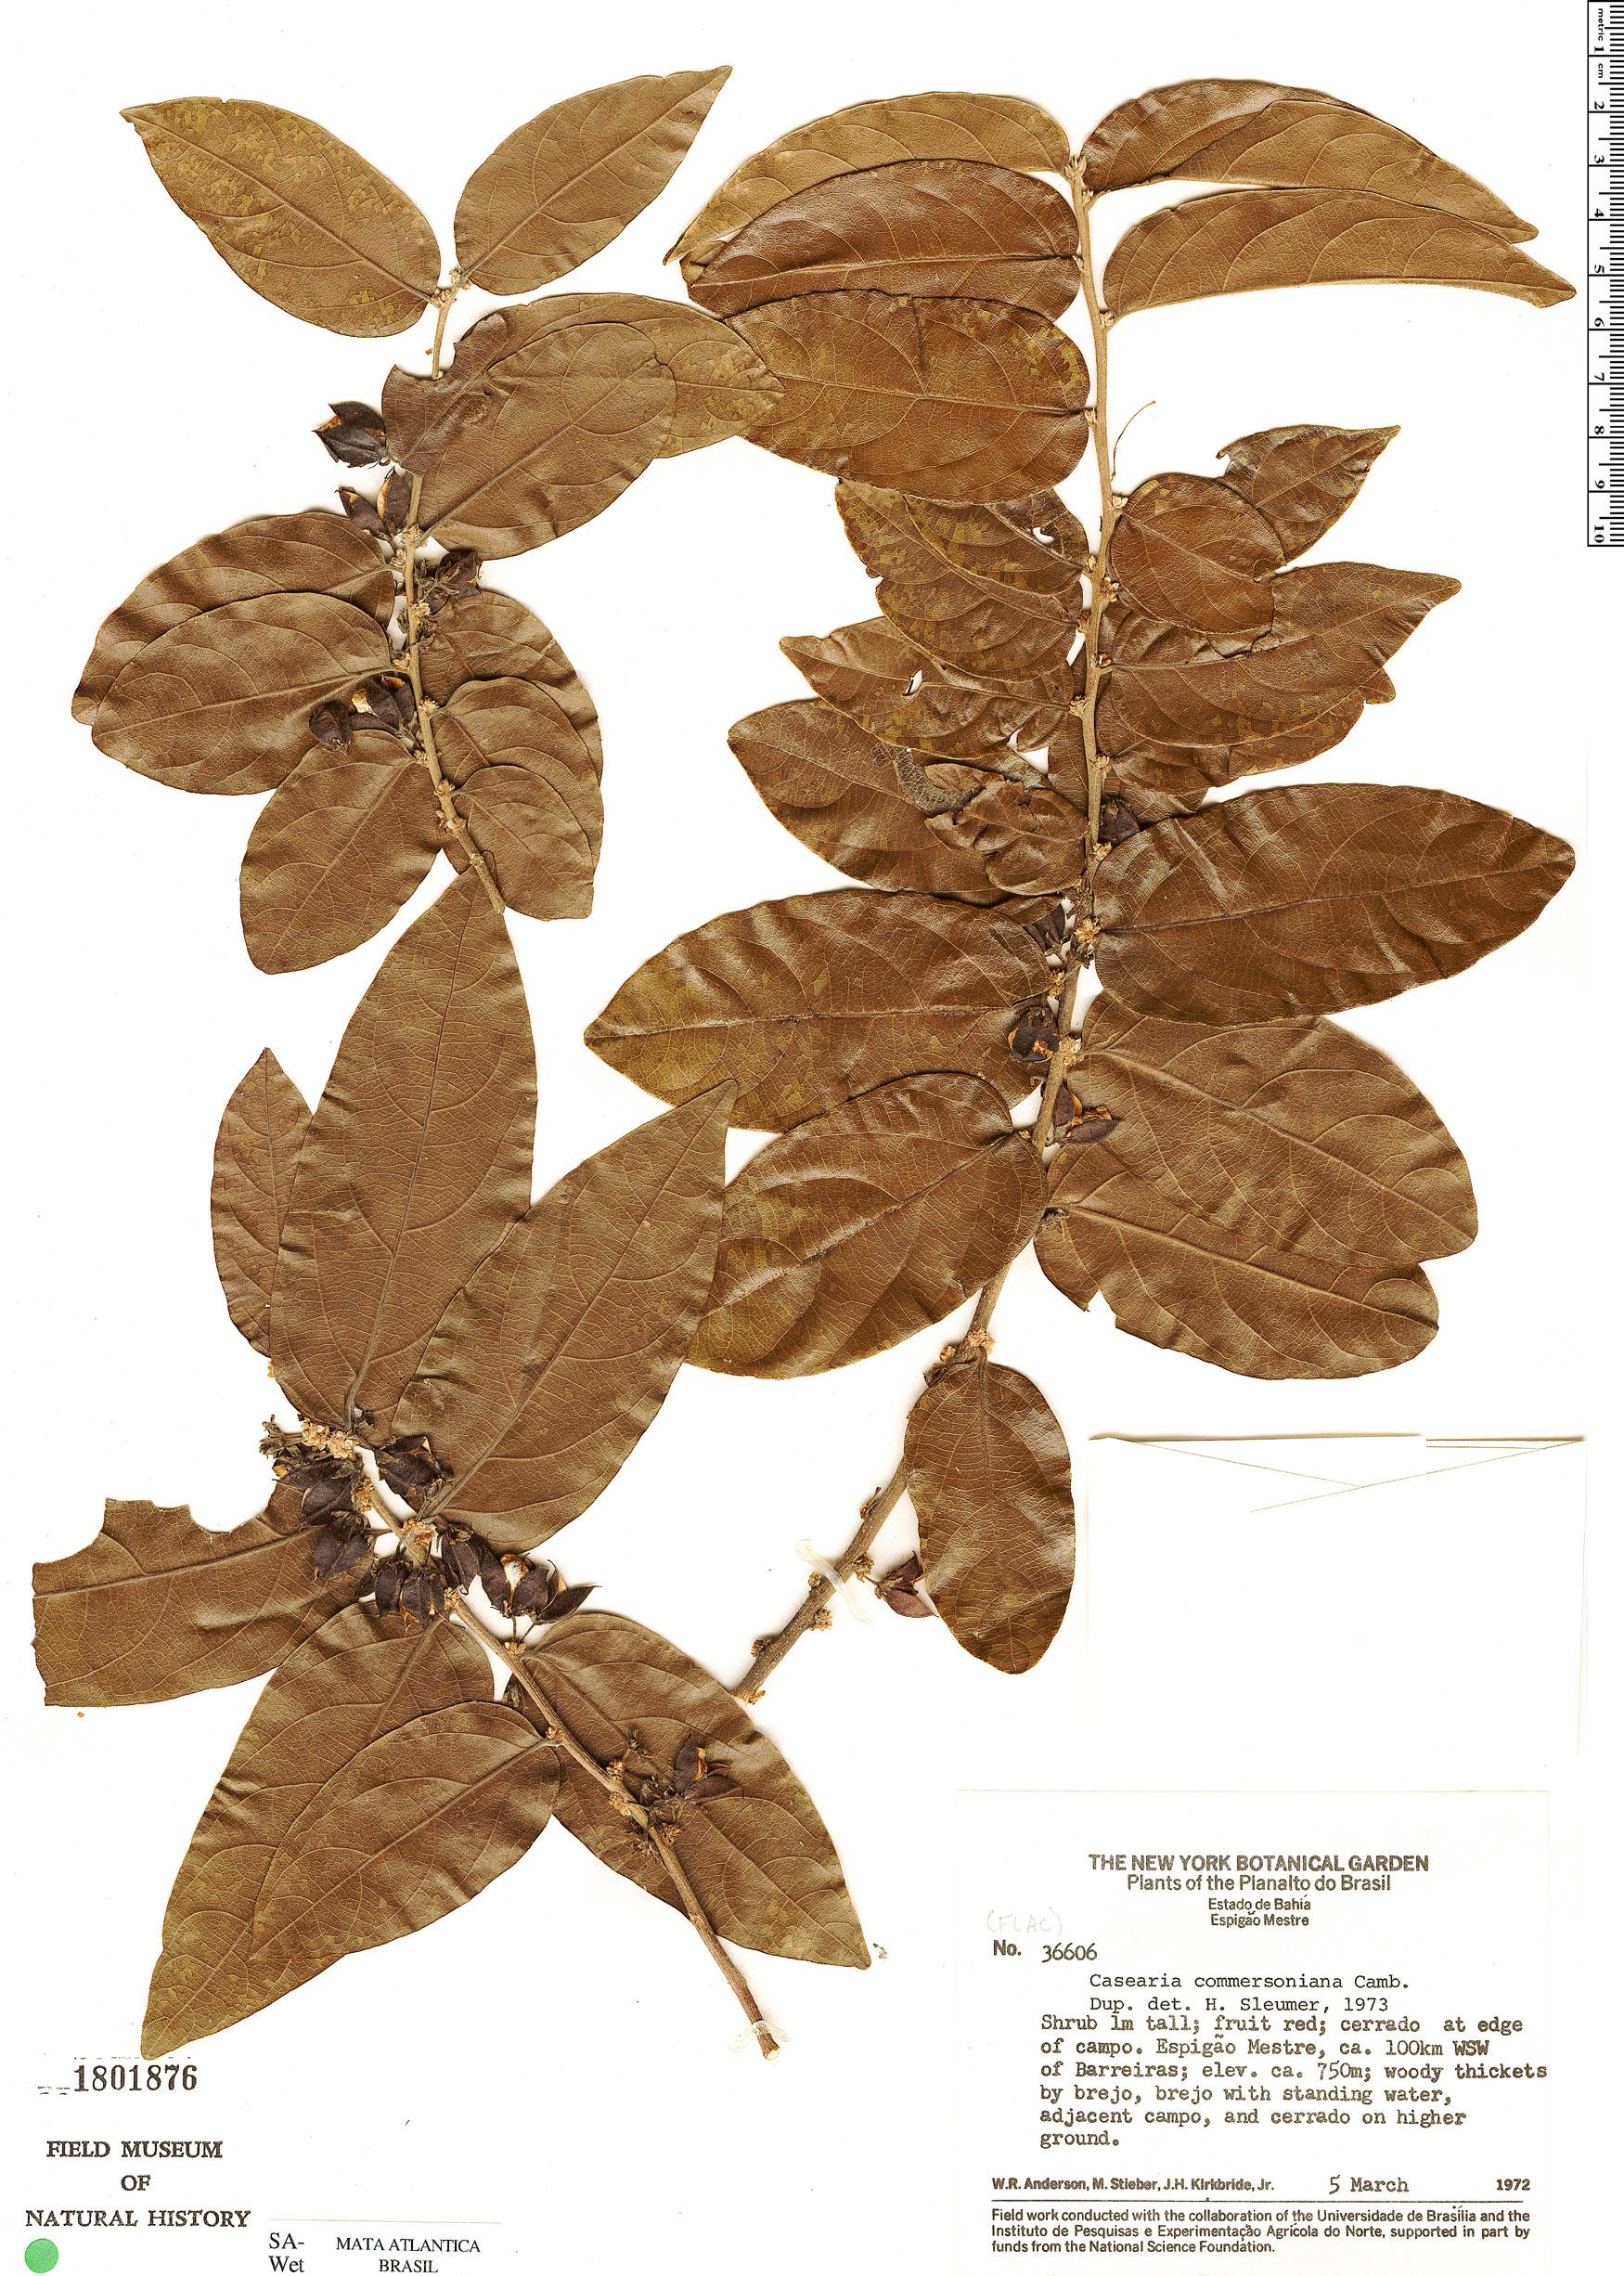 Specimen: Casearia commersoniana